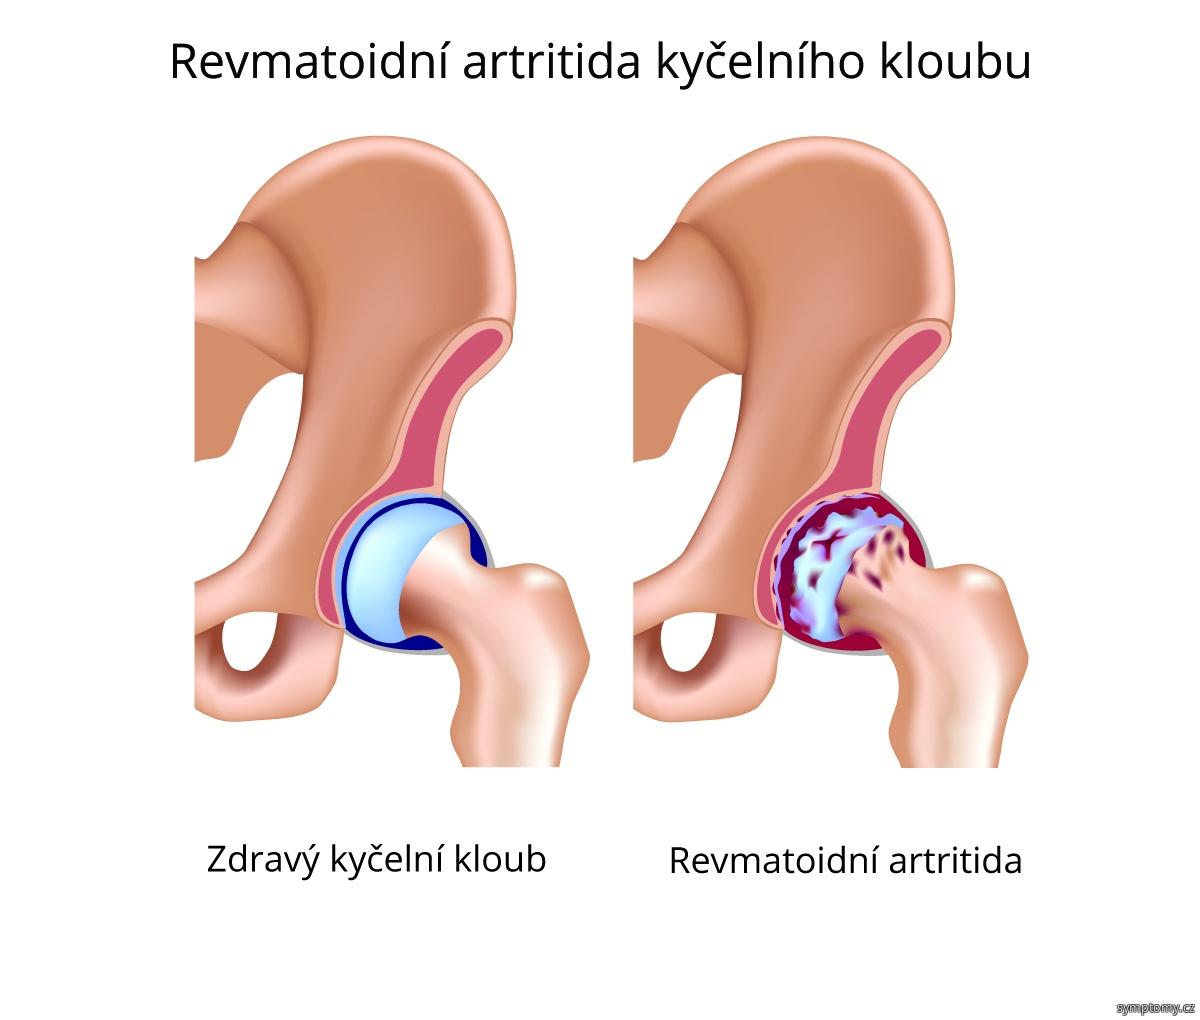 Revmatoidní artritida kyčelního kloubu